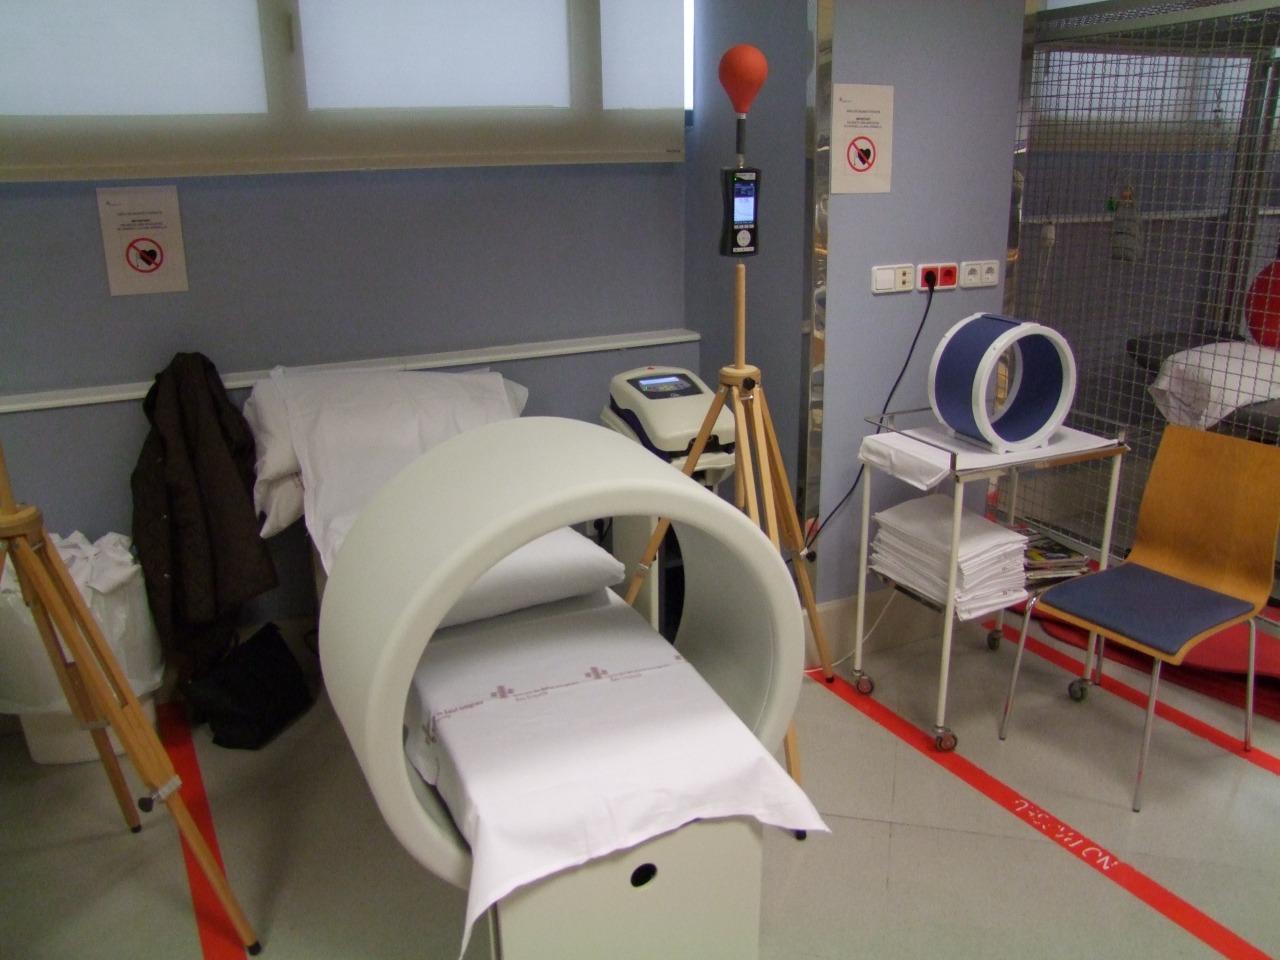 Identificación y valoración de emisiones de campos electromagnéticos en hospitales